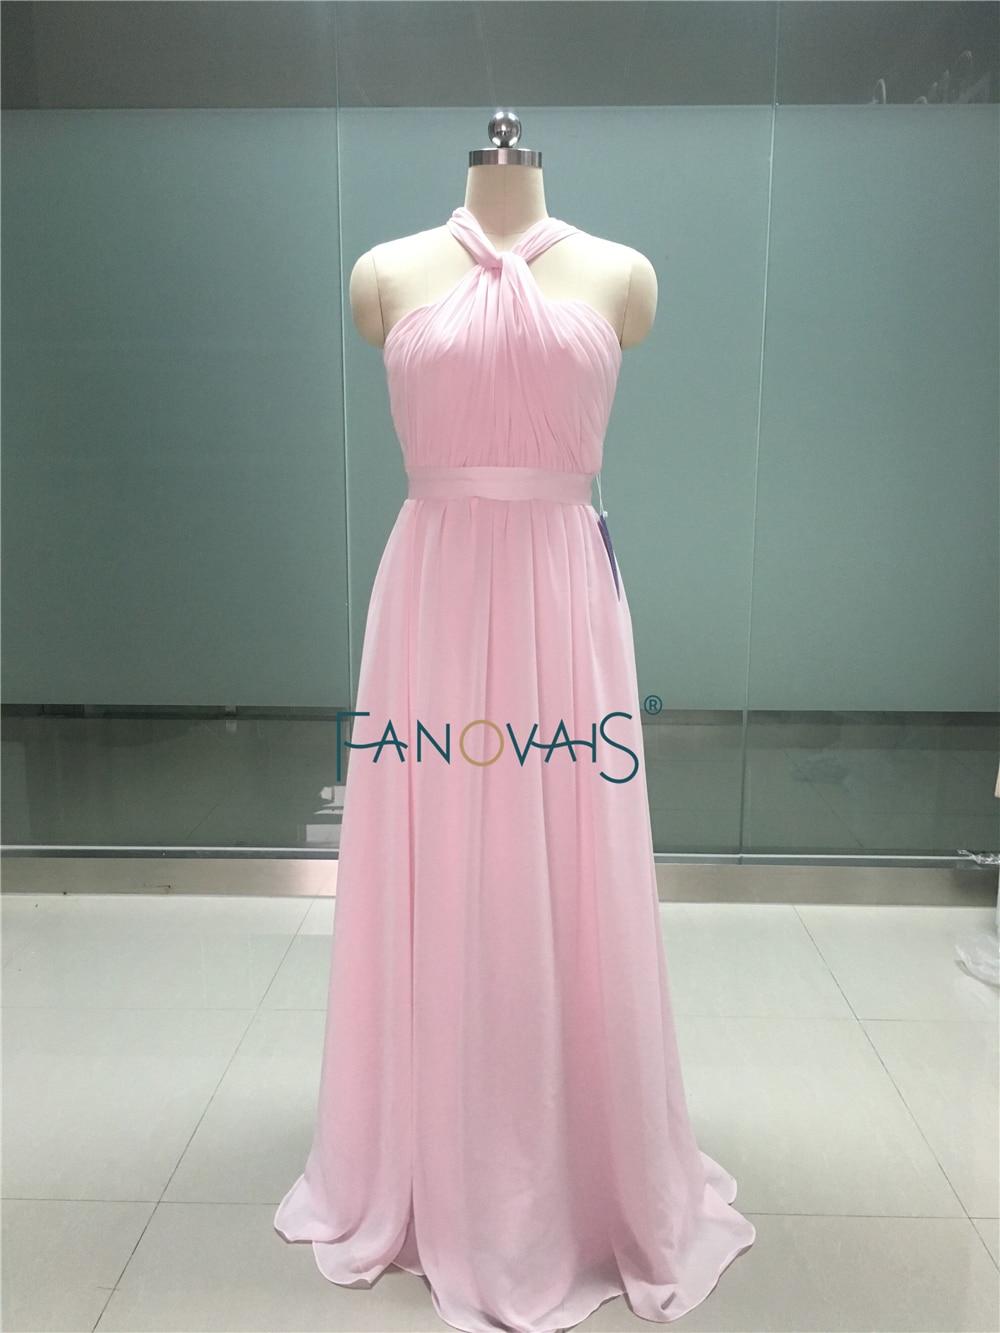 Asombroso Venta Vestido De Dama Foto - Colección de Vestidos de Boda ...